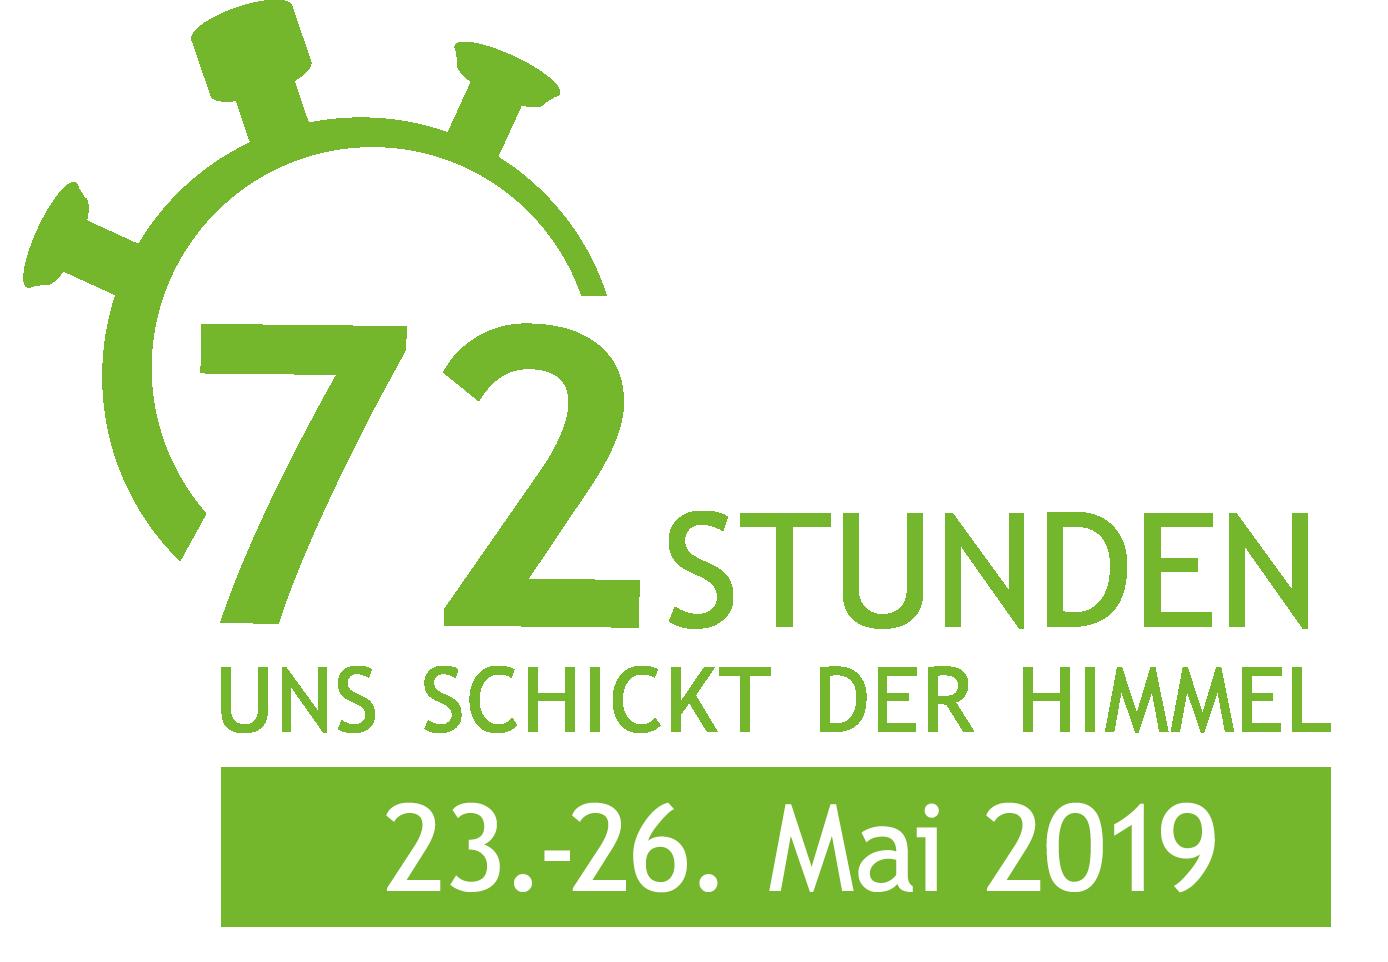 72-Stunden-Aktion 2019: Wir sind dabei!